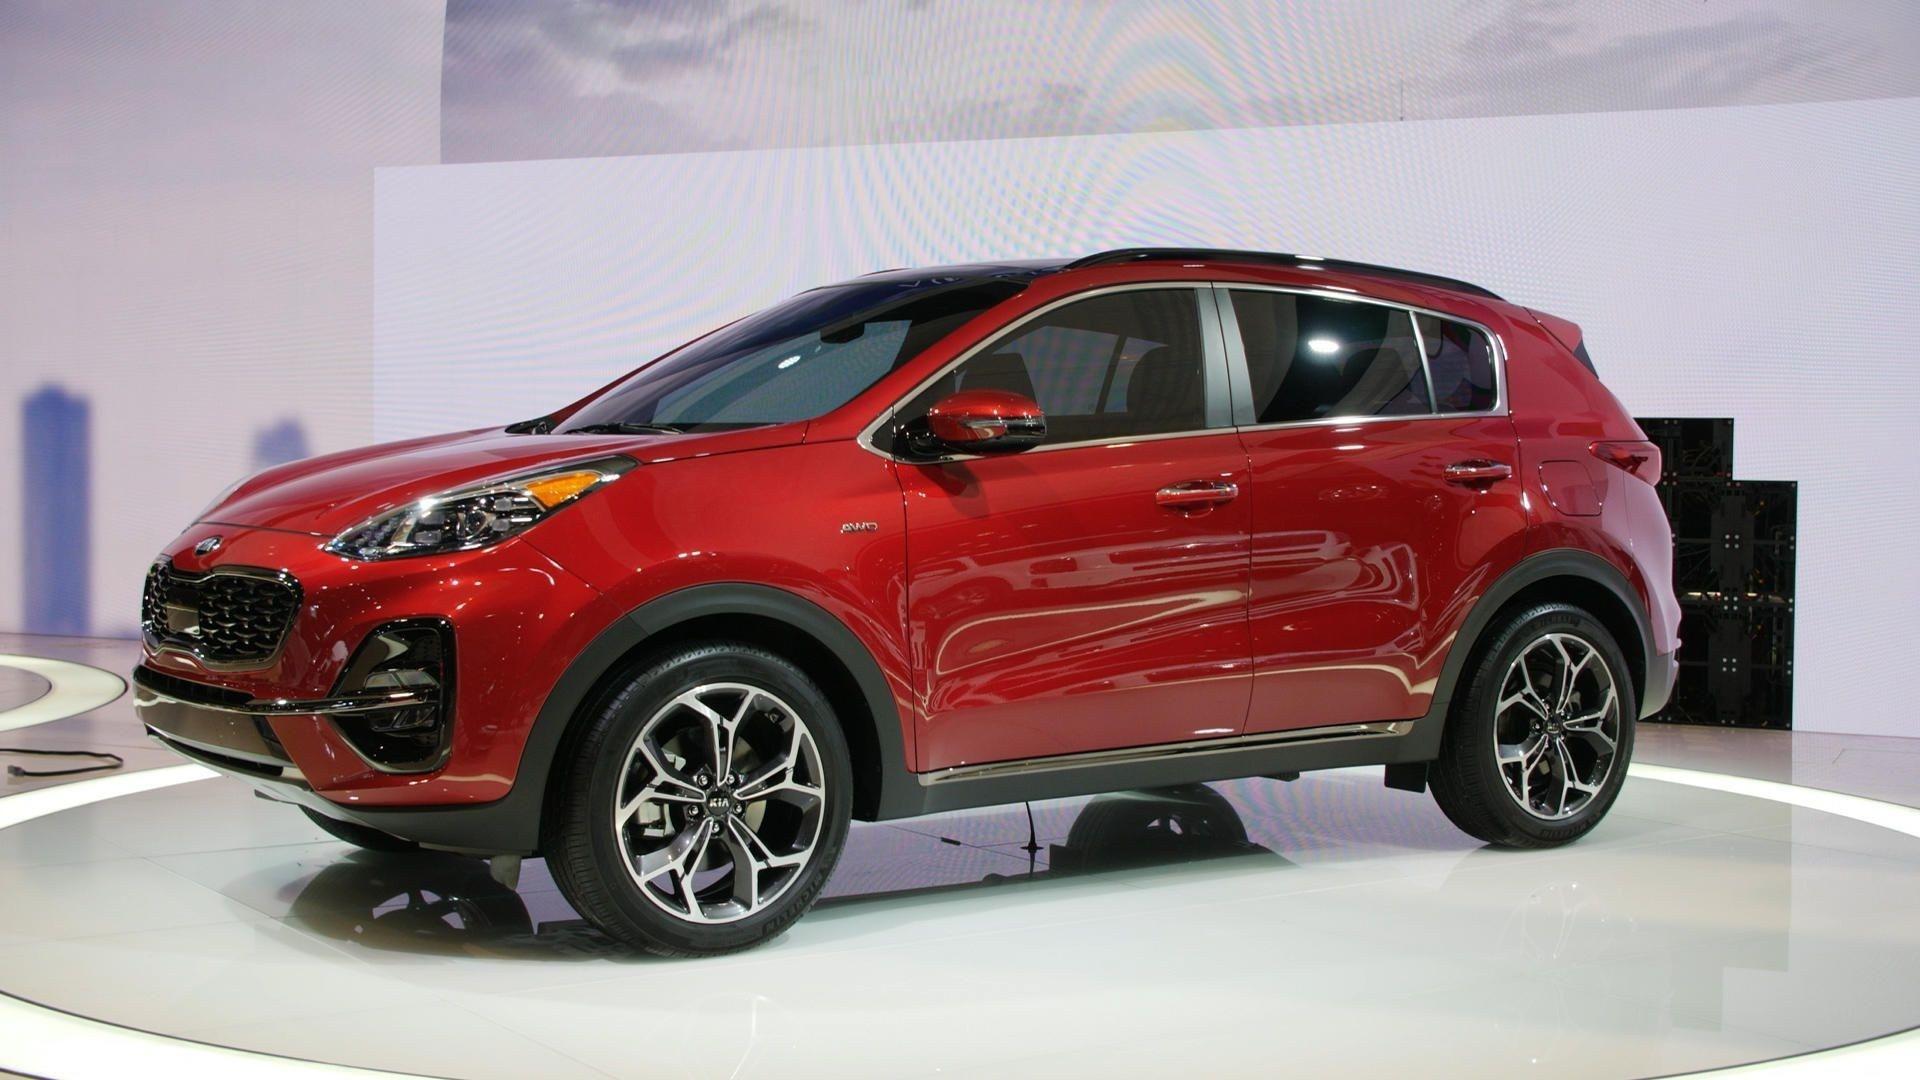 2020 Kia Sportage Grows Up For The Chicago Auto Show Kia